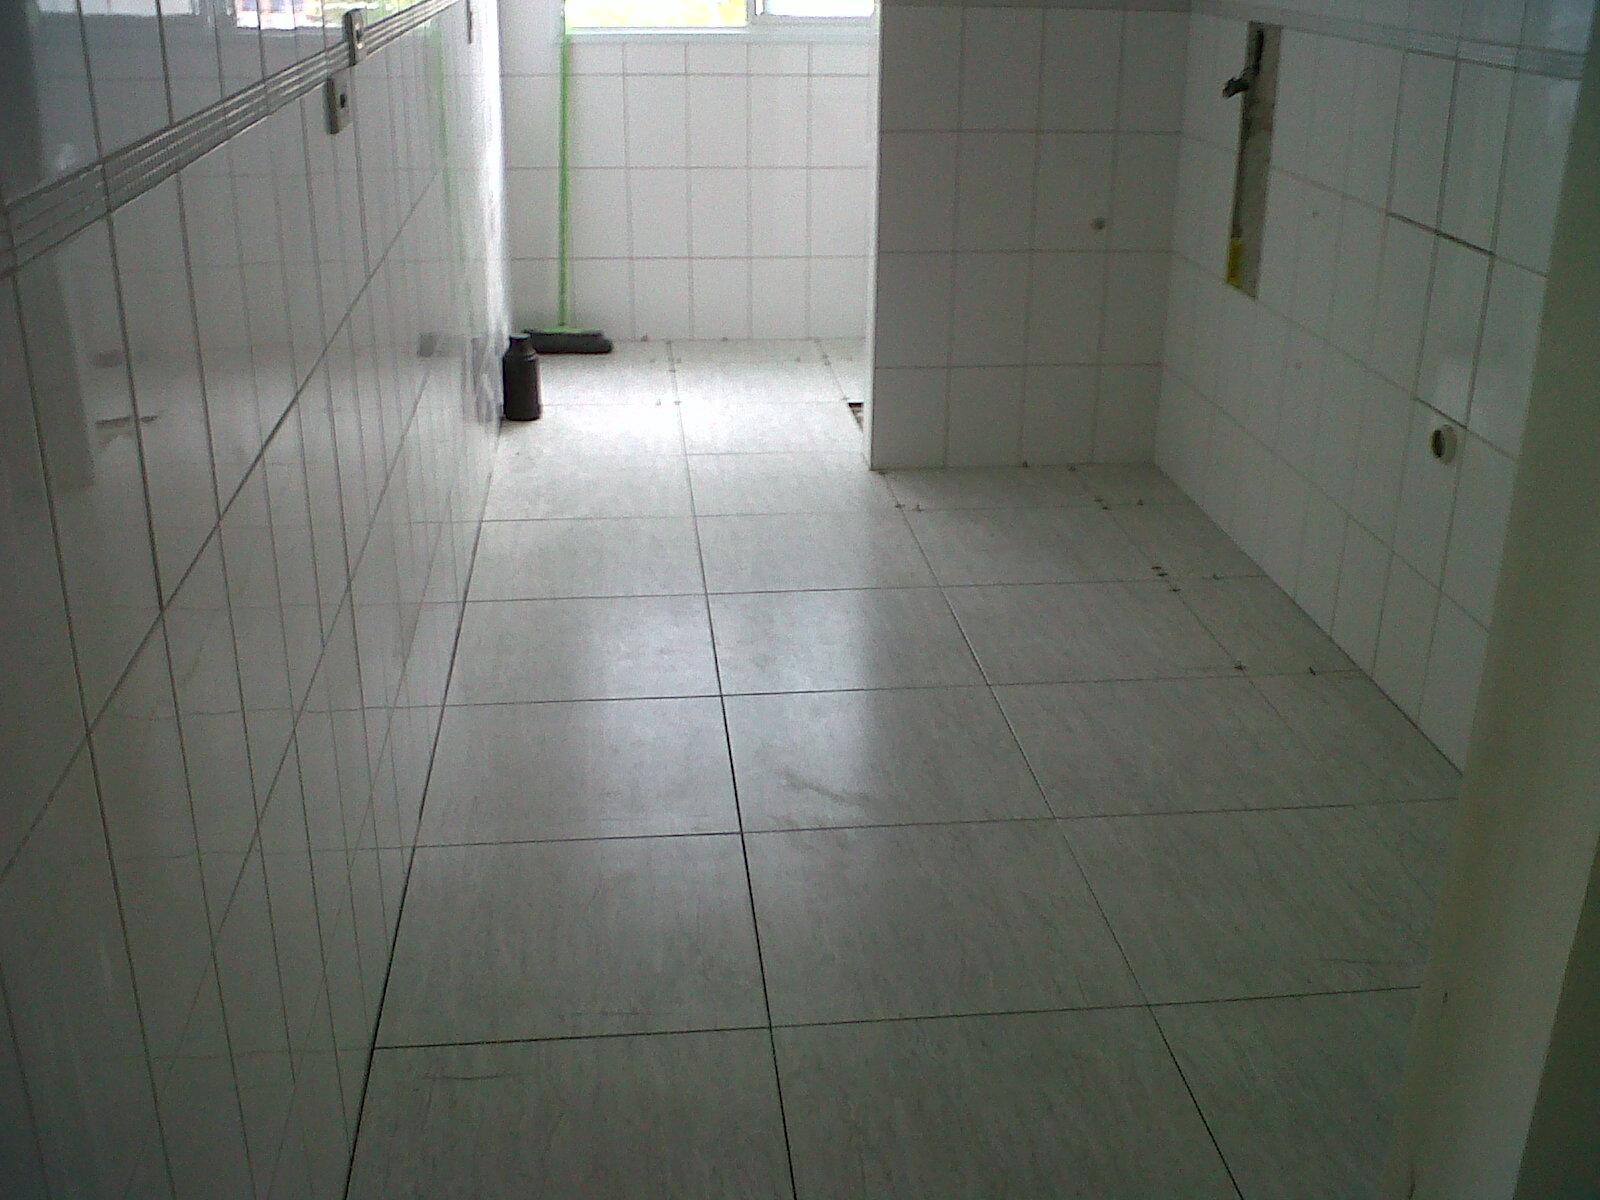 #464B40  de Vidro ??? Banheiro tao pequeno tao complicado 1600x1200 px Banheiro Tem Que Ter Janela 1713